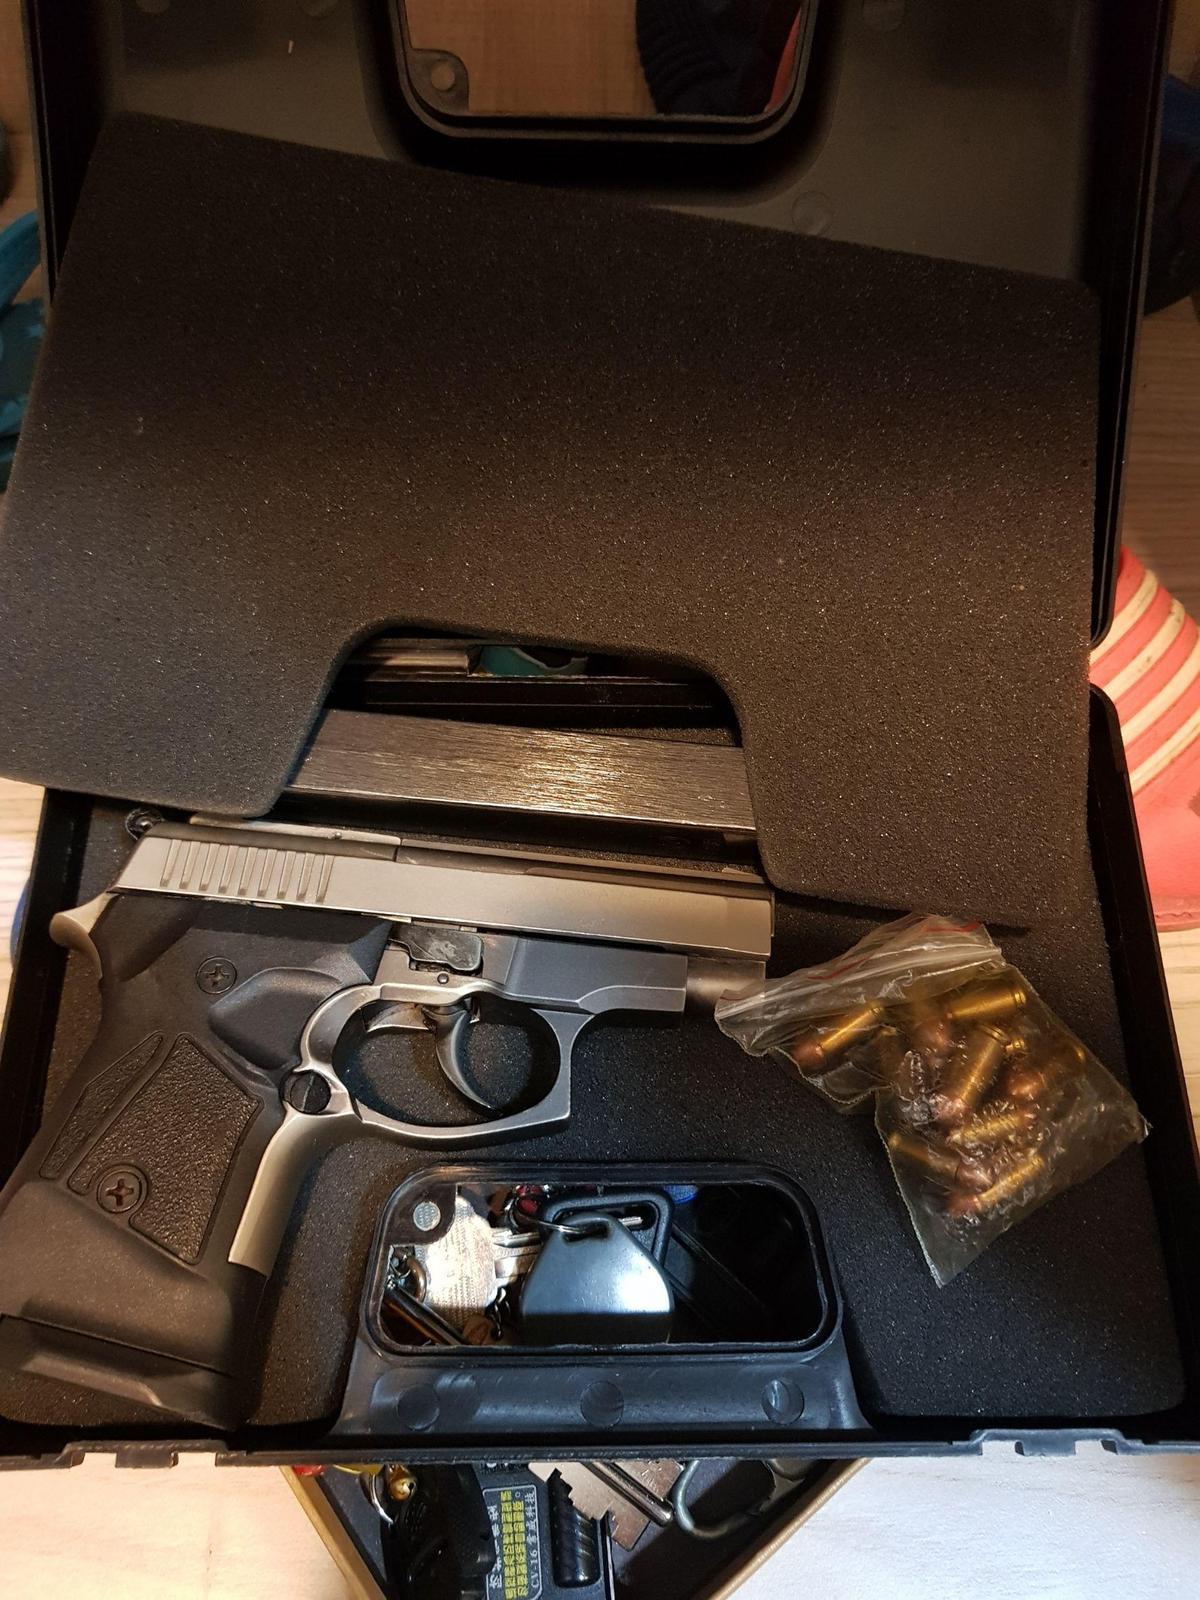 警方起出非法改造槍枝1把、9mm子彈53顆。